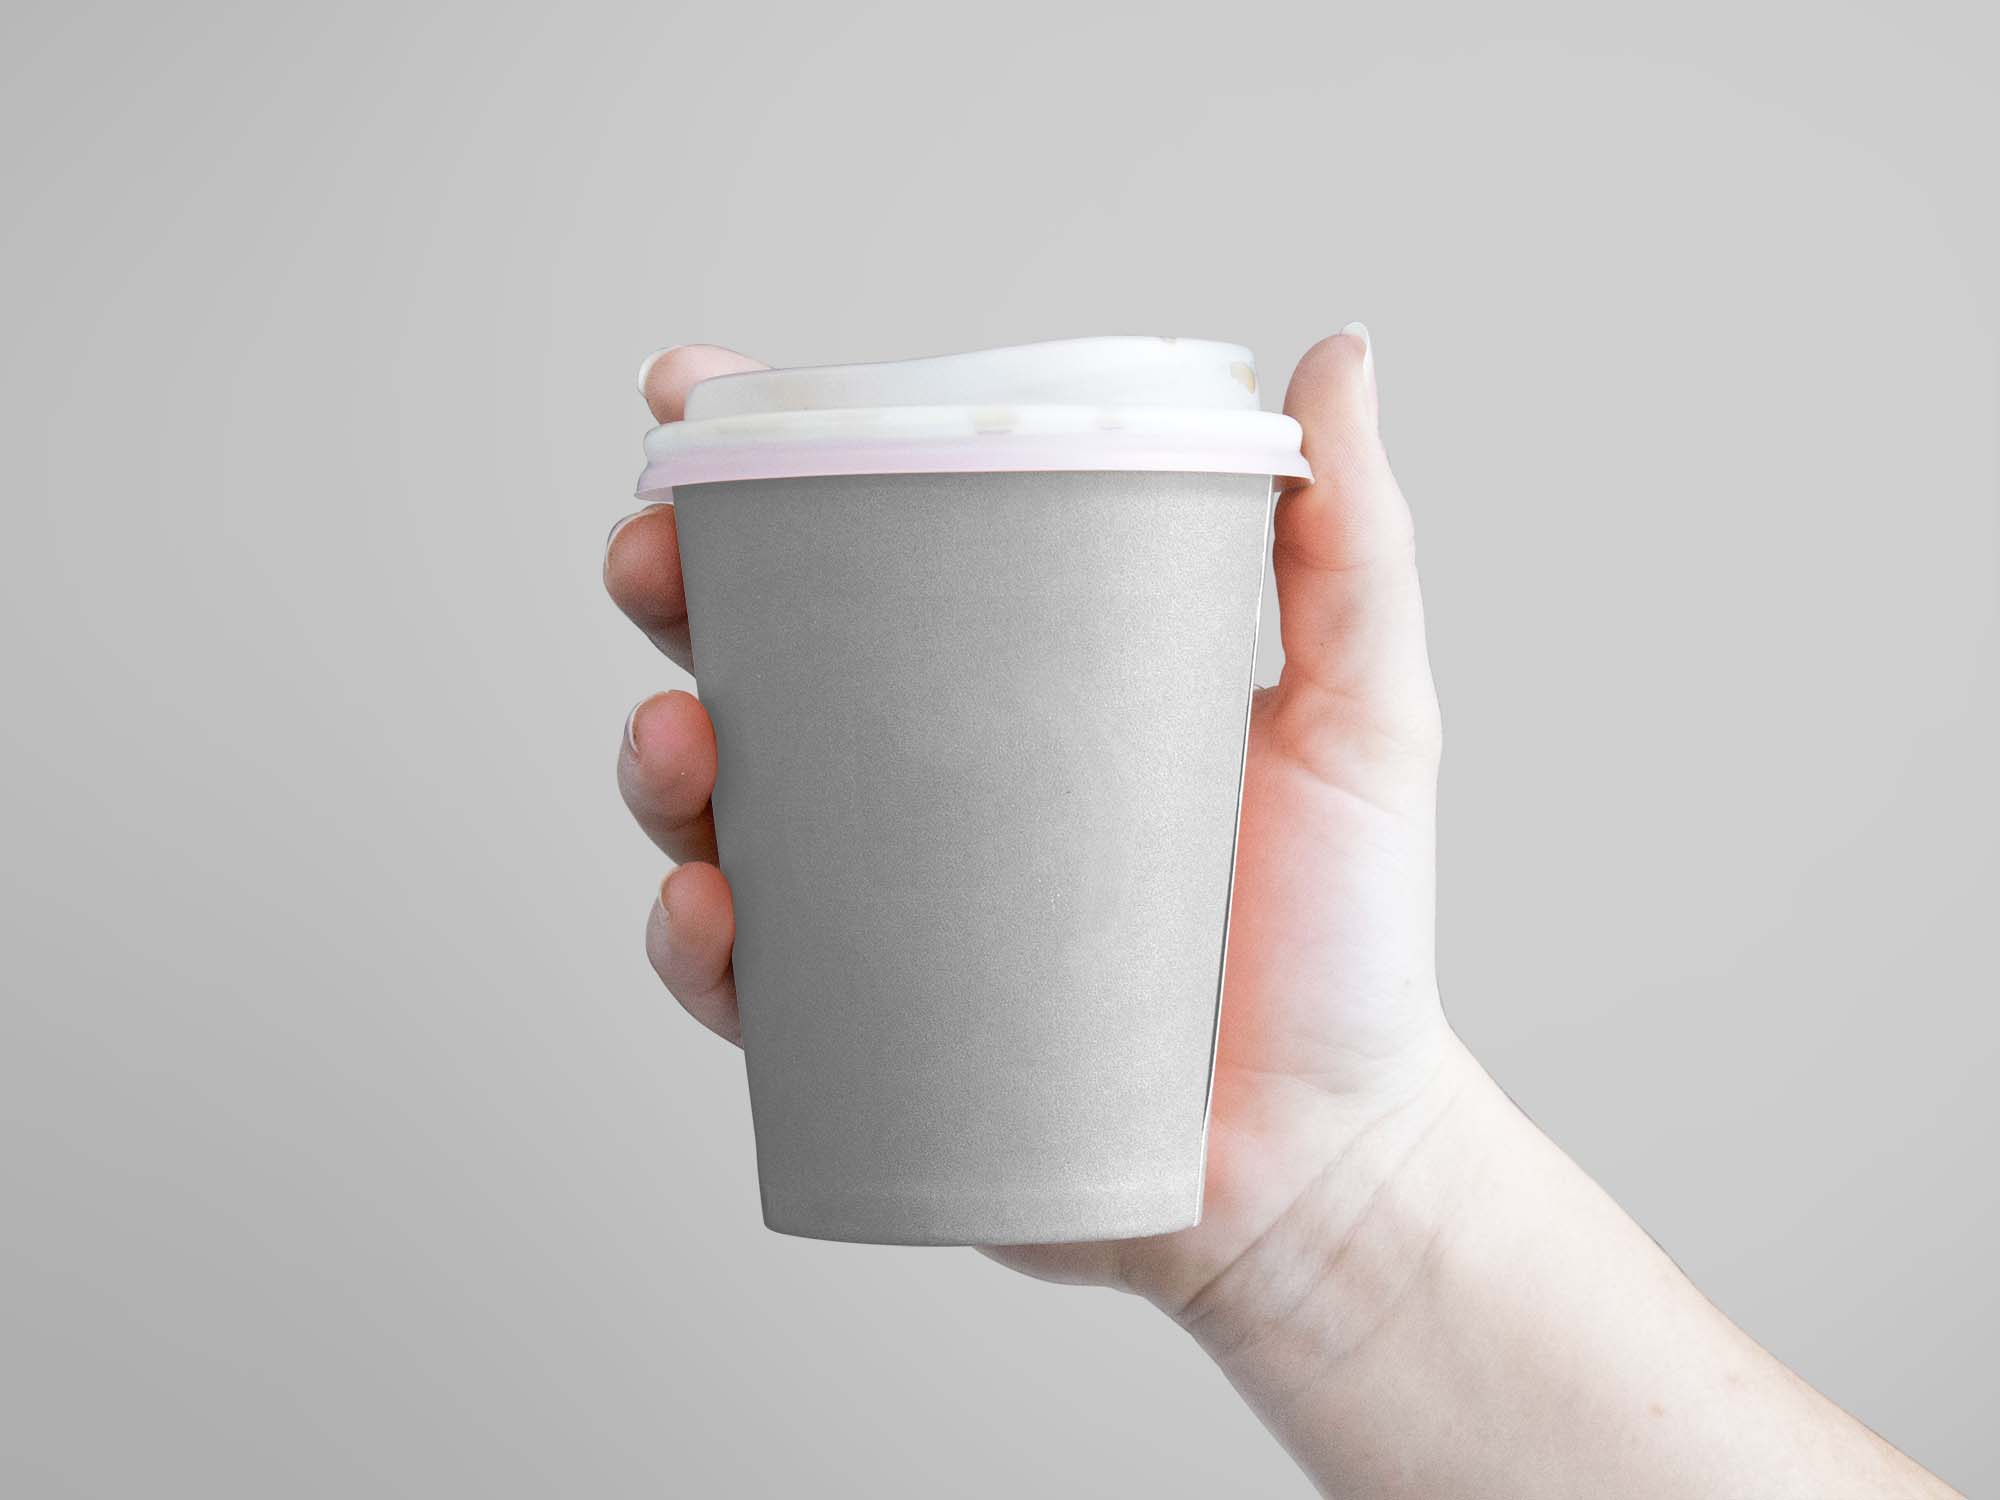 Coffee Cup Hand Mockup 2